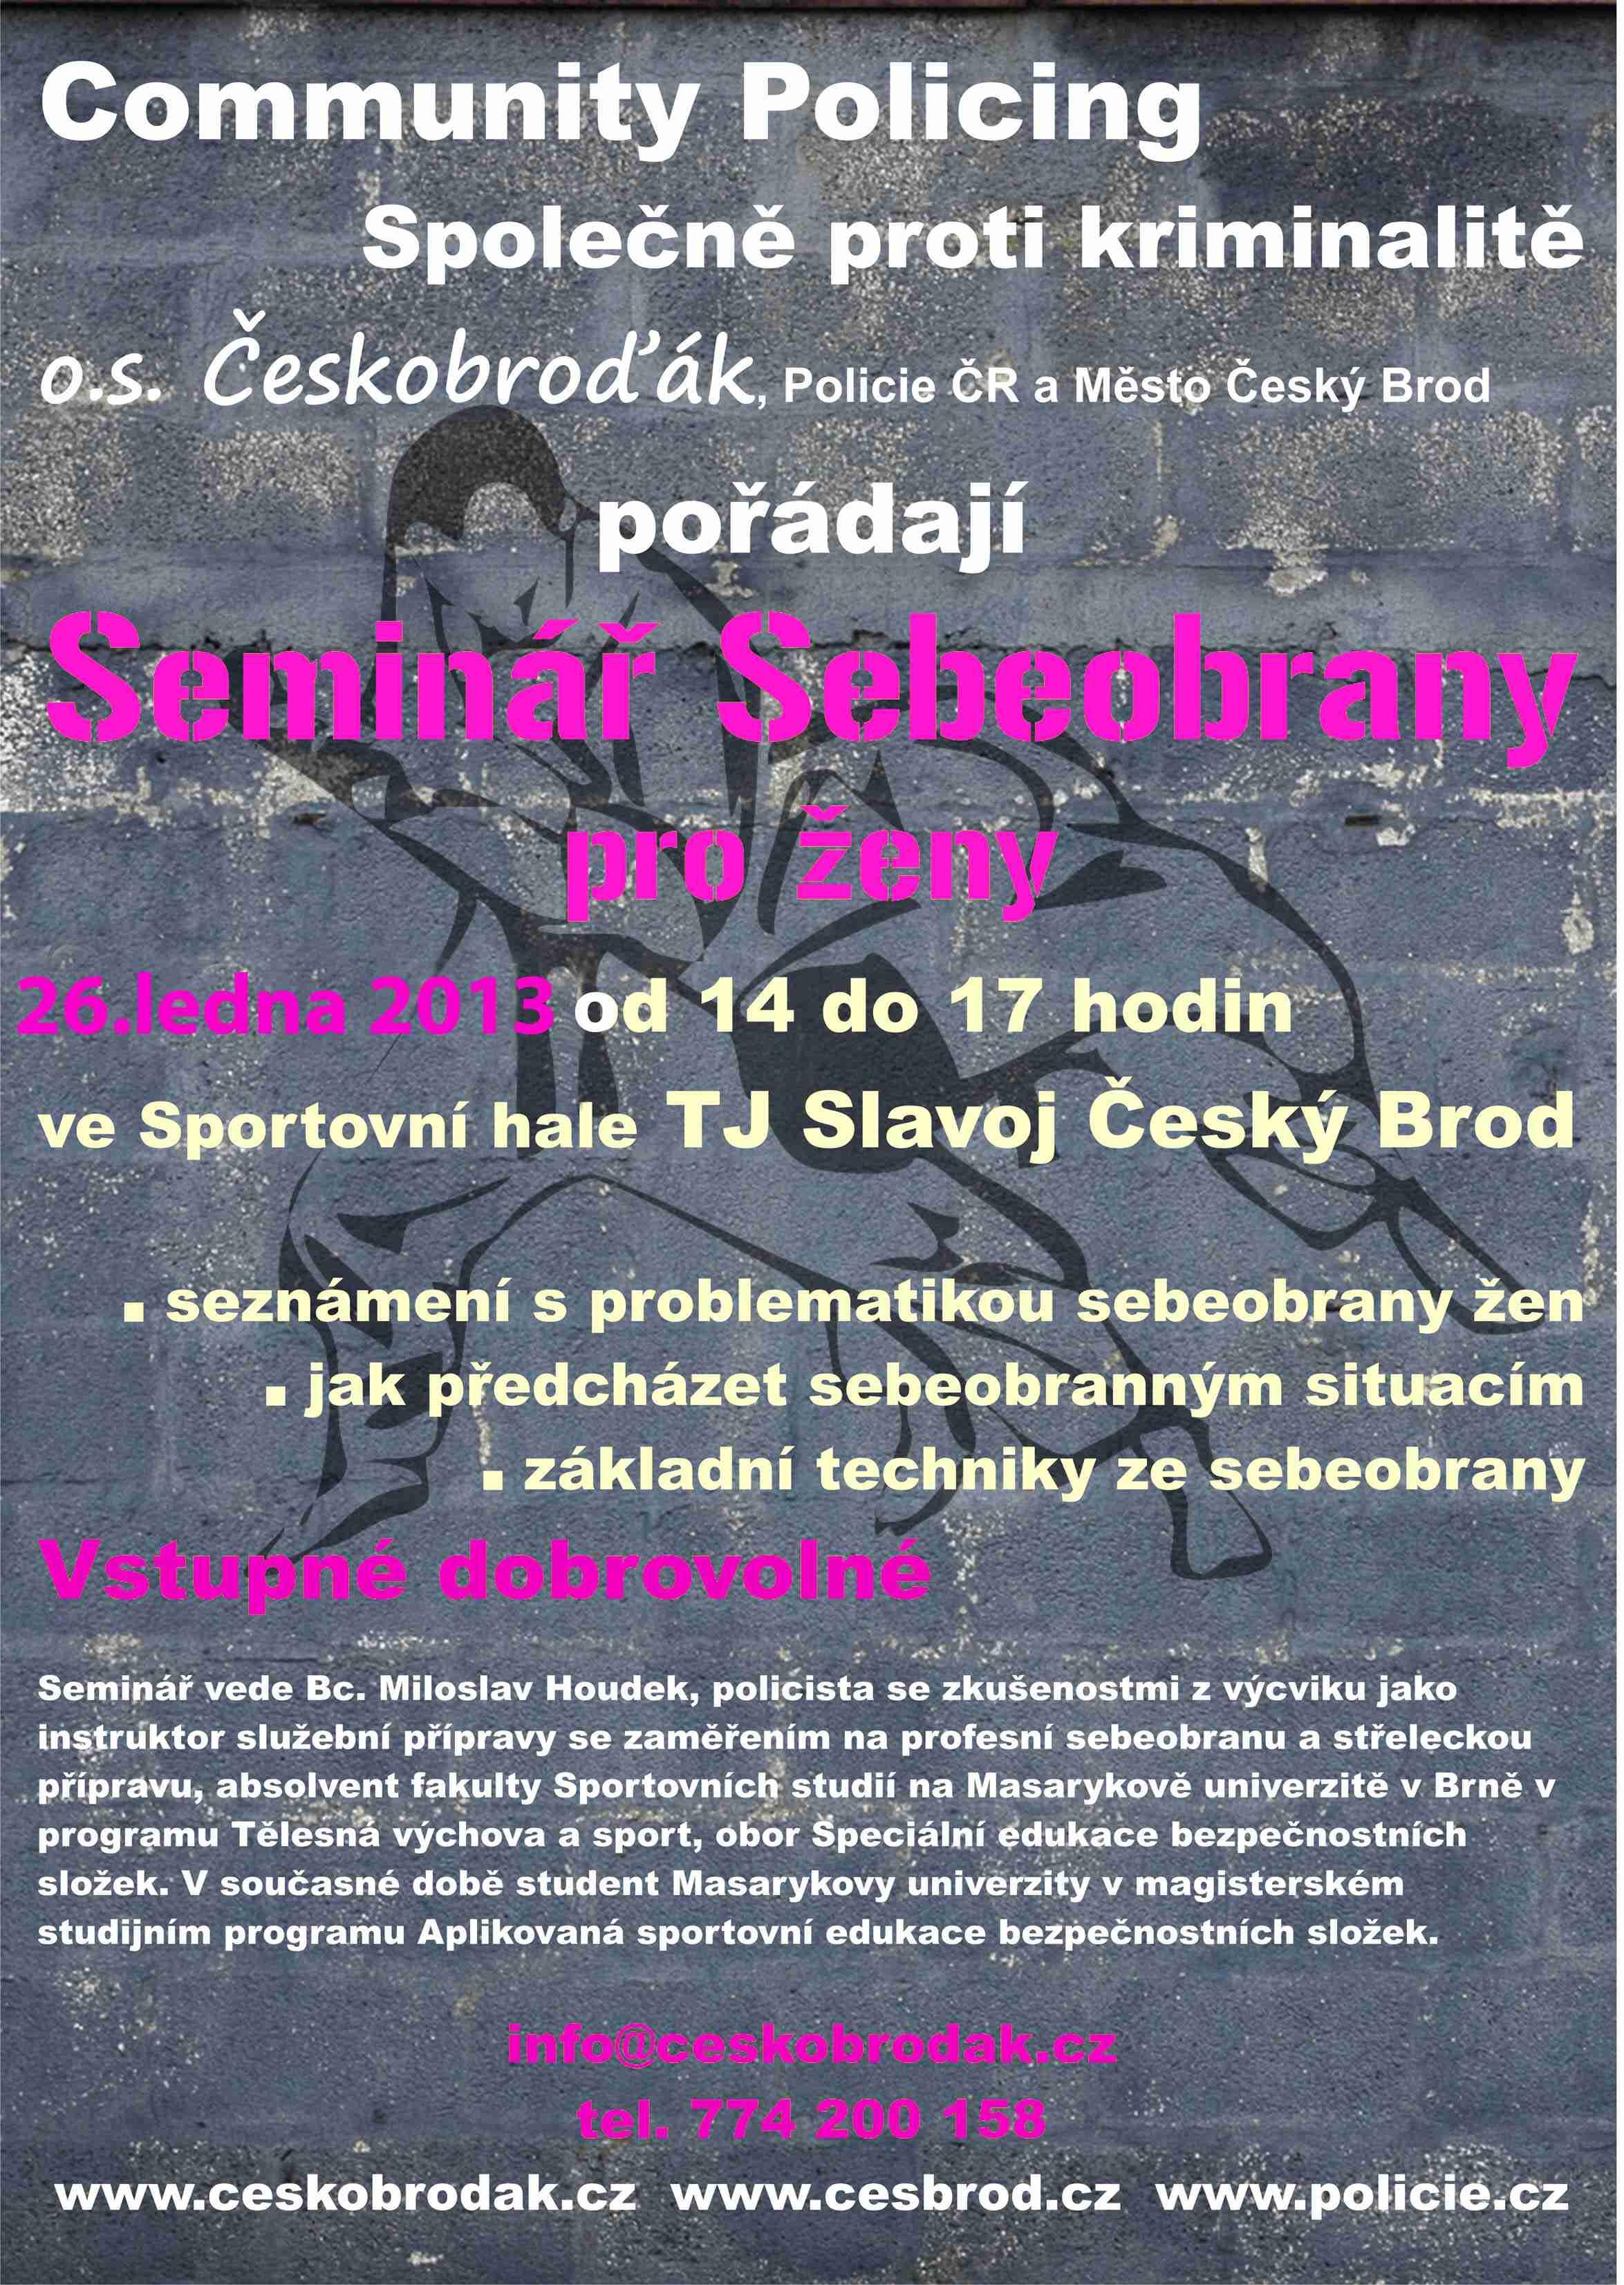 Zdrav Brod - Sociln oblast - Msto esk Brod